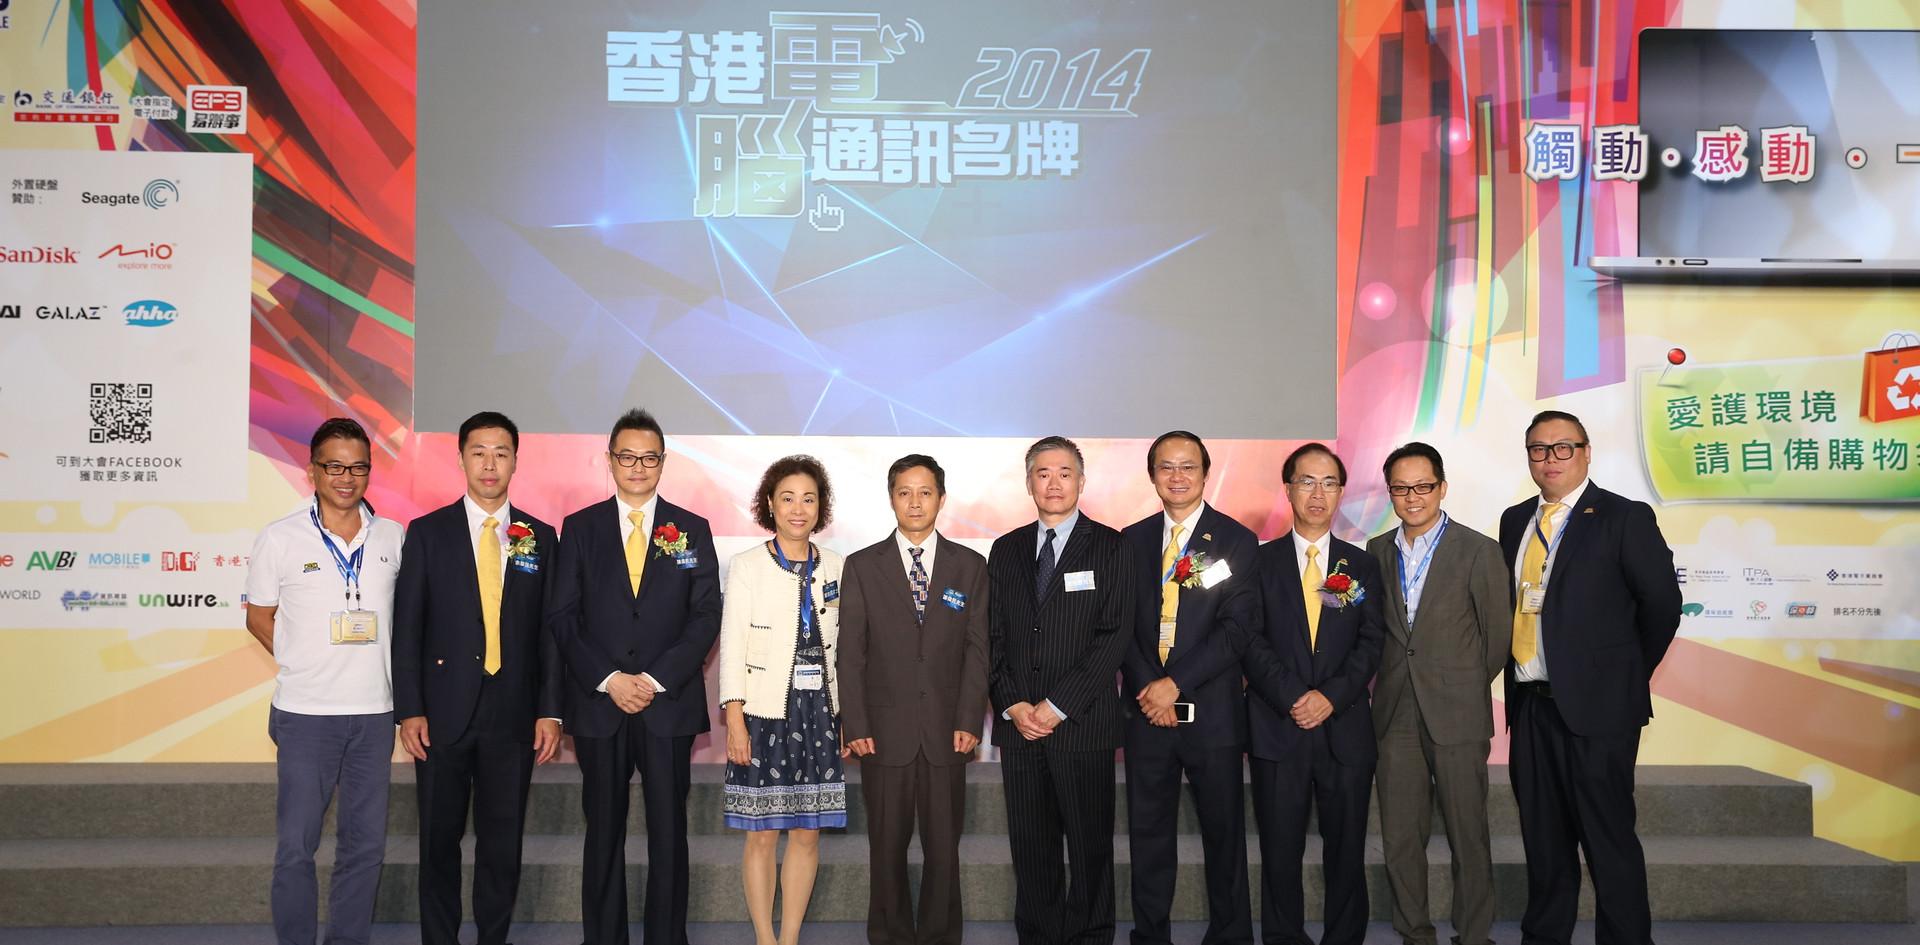 香港電腦通訊名牌2014